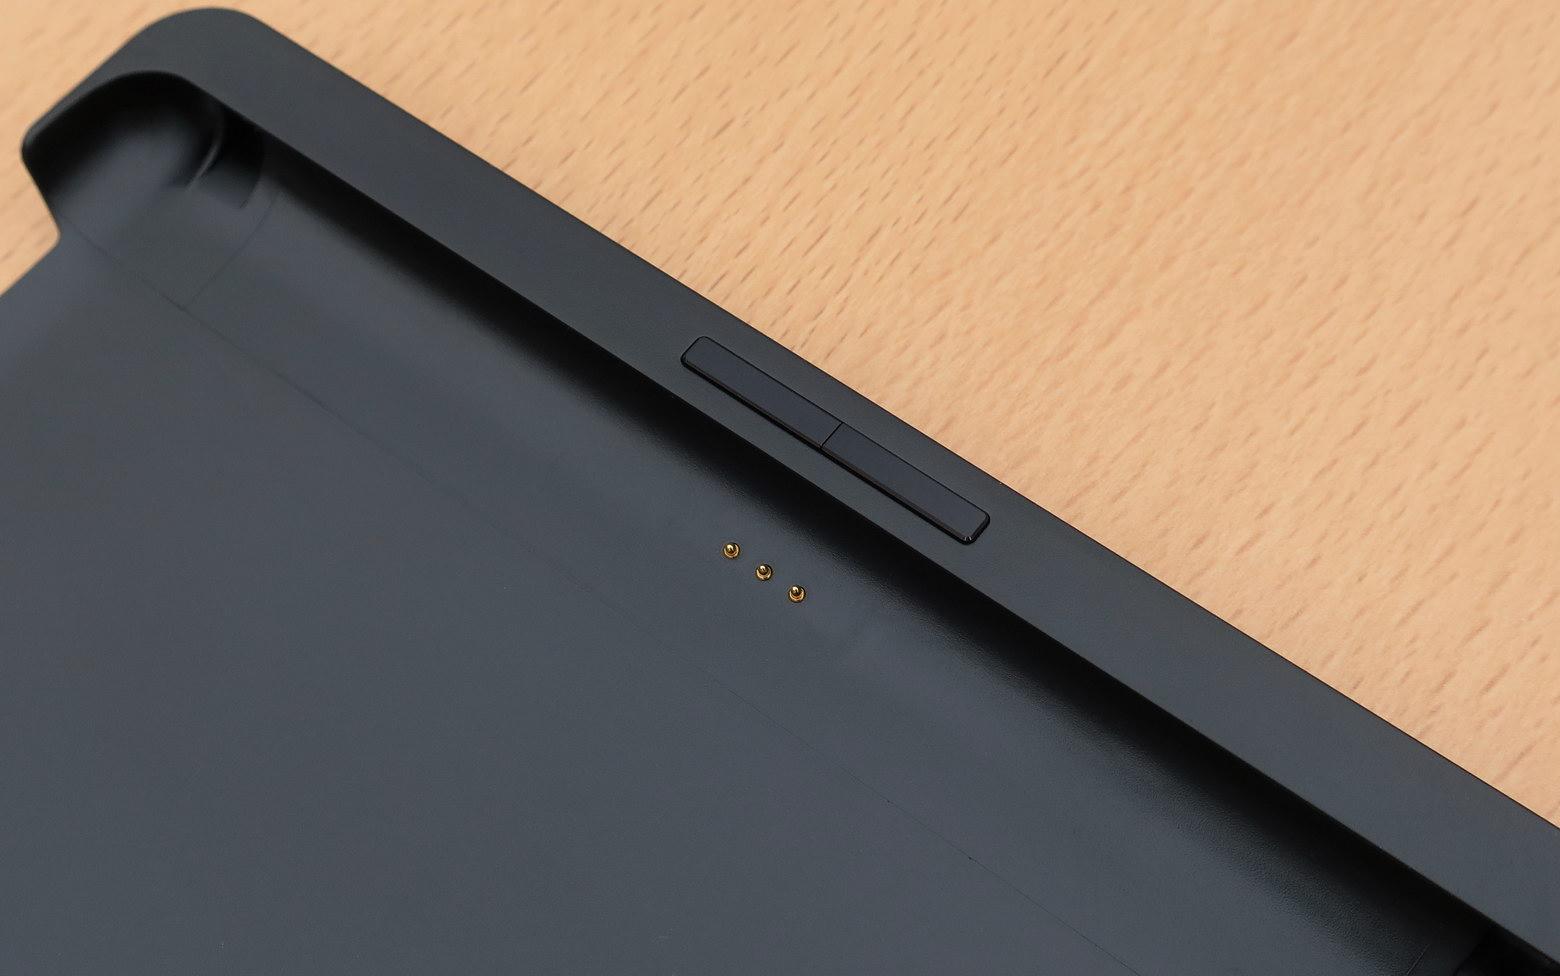 Кнопки и дополнительные контакты на чехле-обложке ONYX BOOX Livinstone